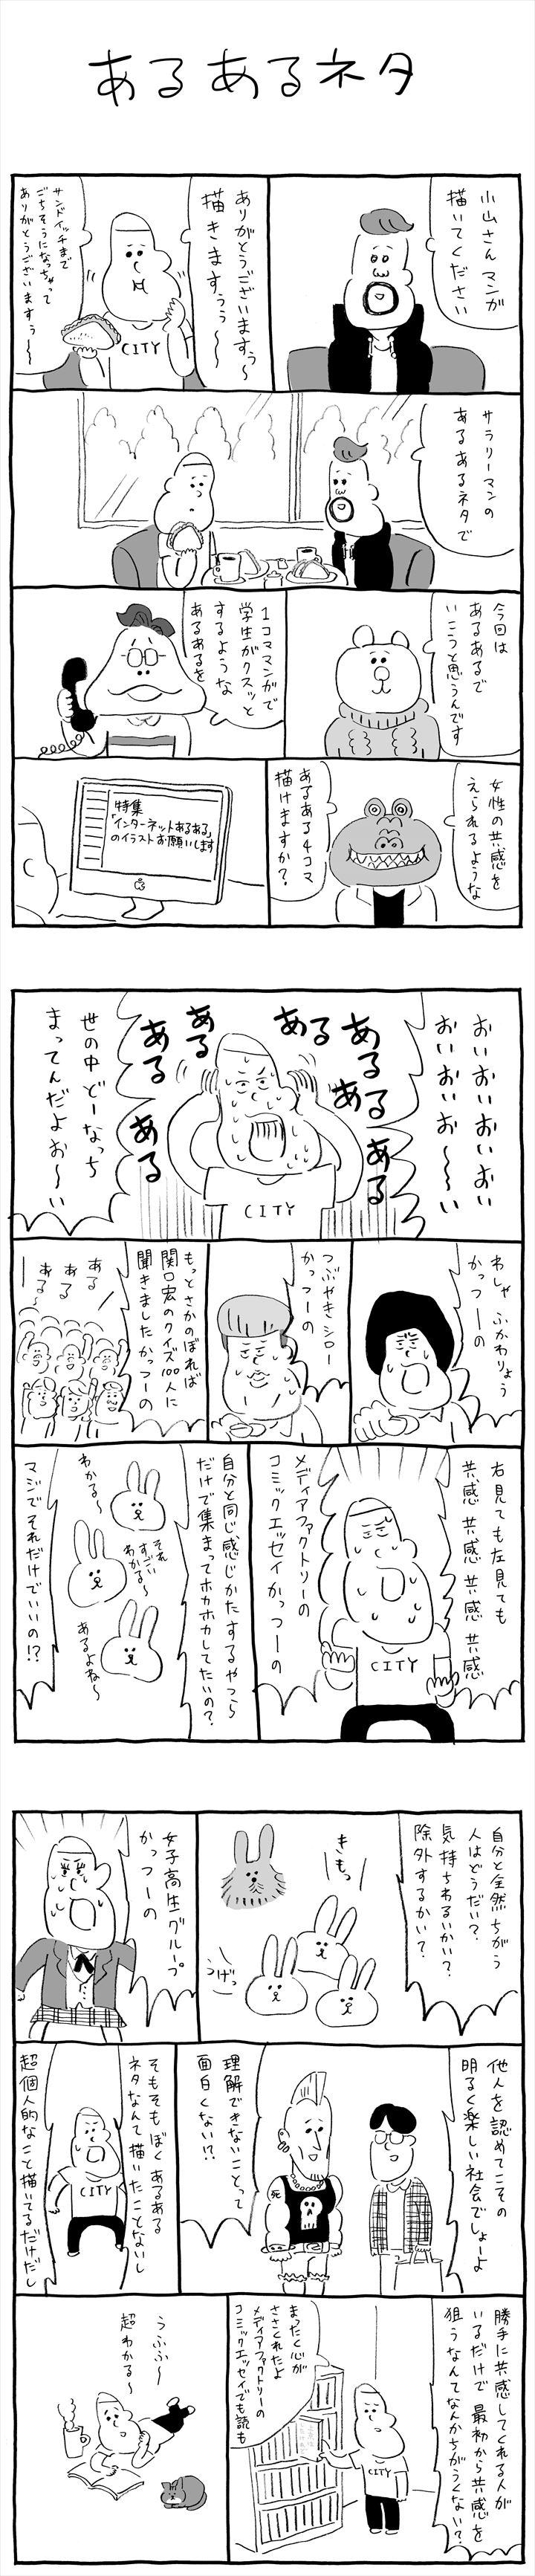 koyama21_R